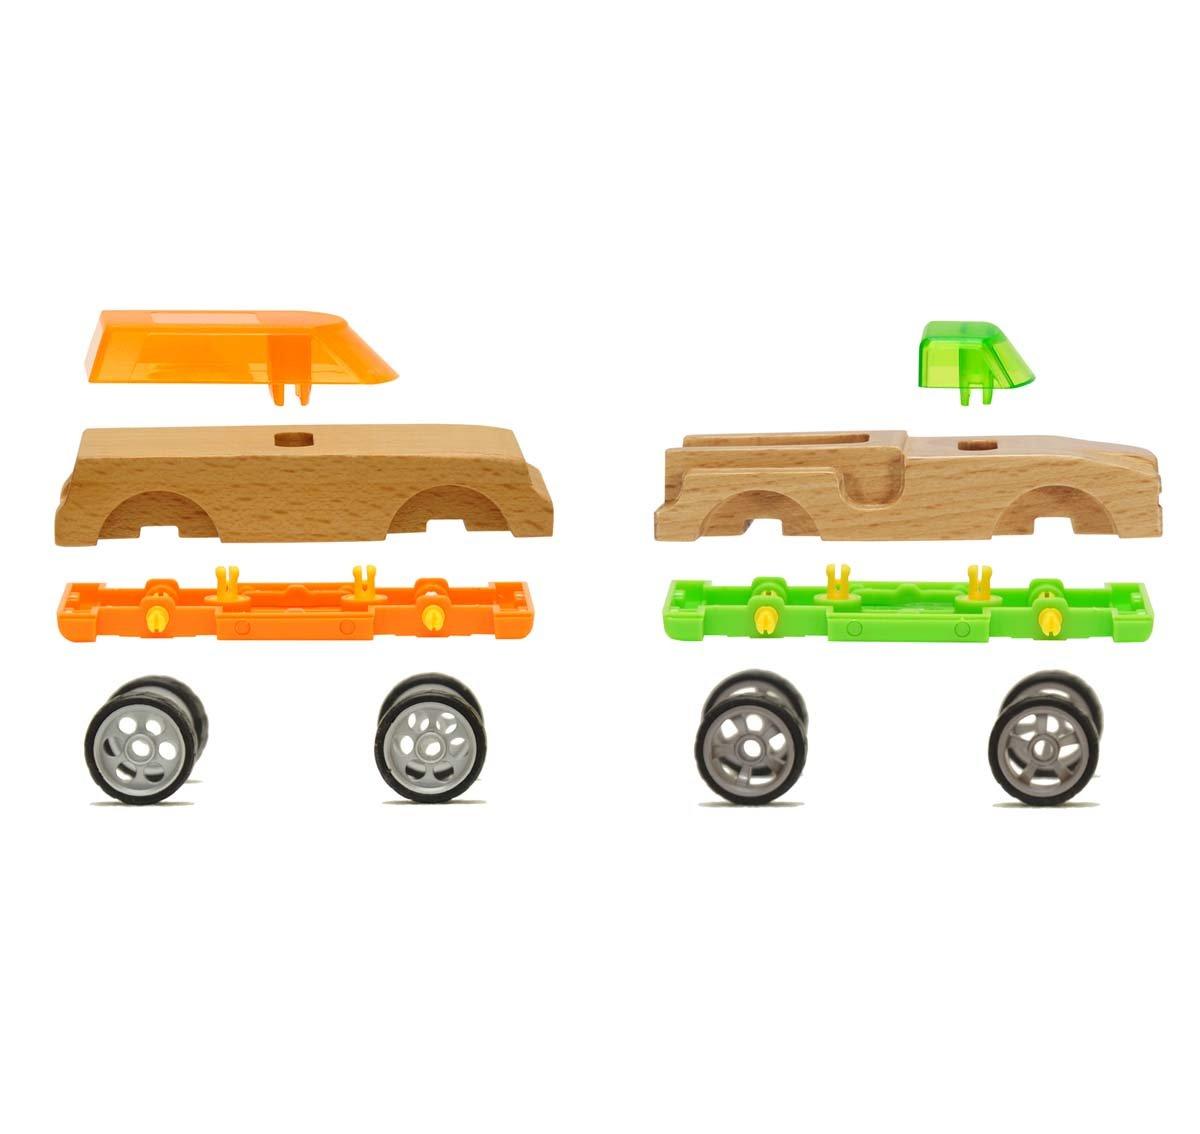 【お得】 Motorworks Motorworks TPP TPP 1.0 スポーツトラックパワーパック 1.0 B00BRI99SS, セレクトプラス:6a6990ef --- a0267596.xsph.ru